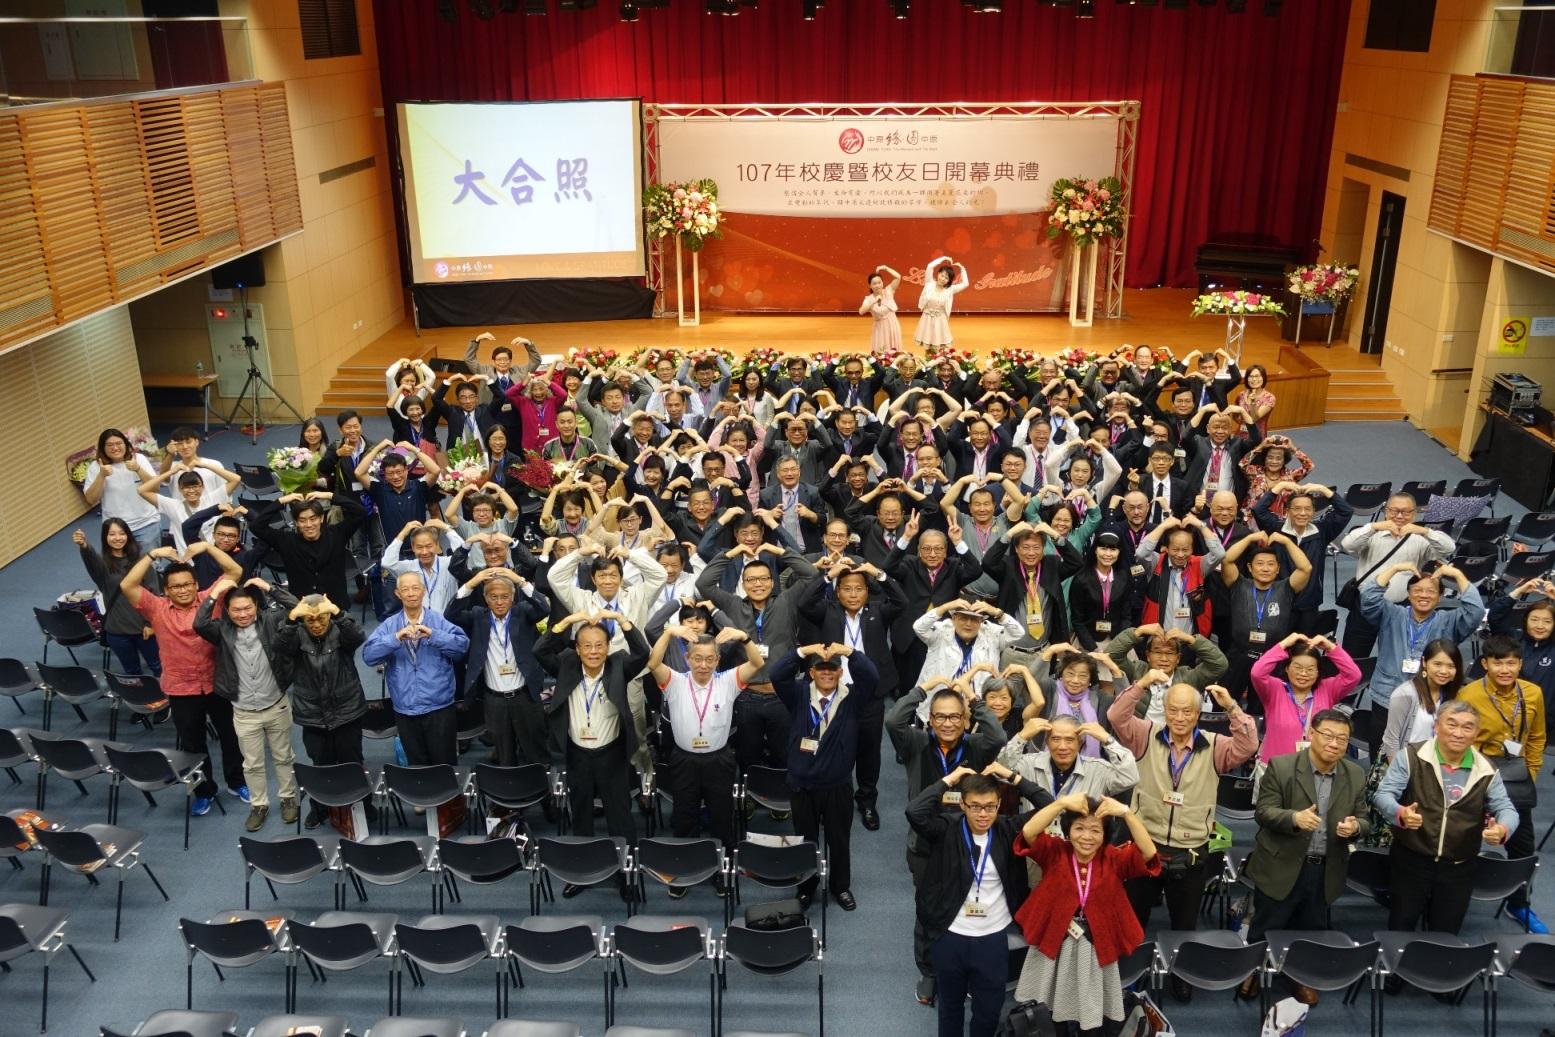 中原大學63週年校慶熱鬧精彩 感恩各界校友成就自己榮耀母校